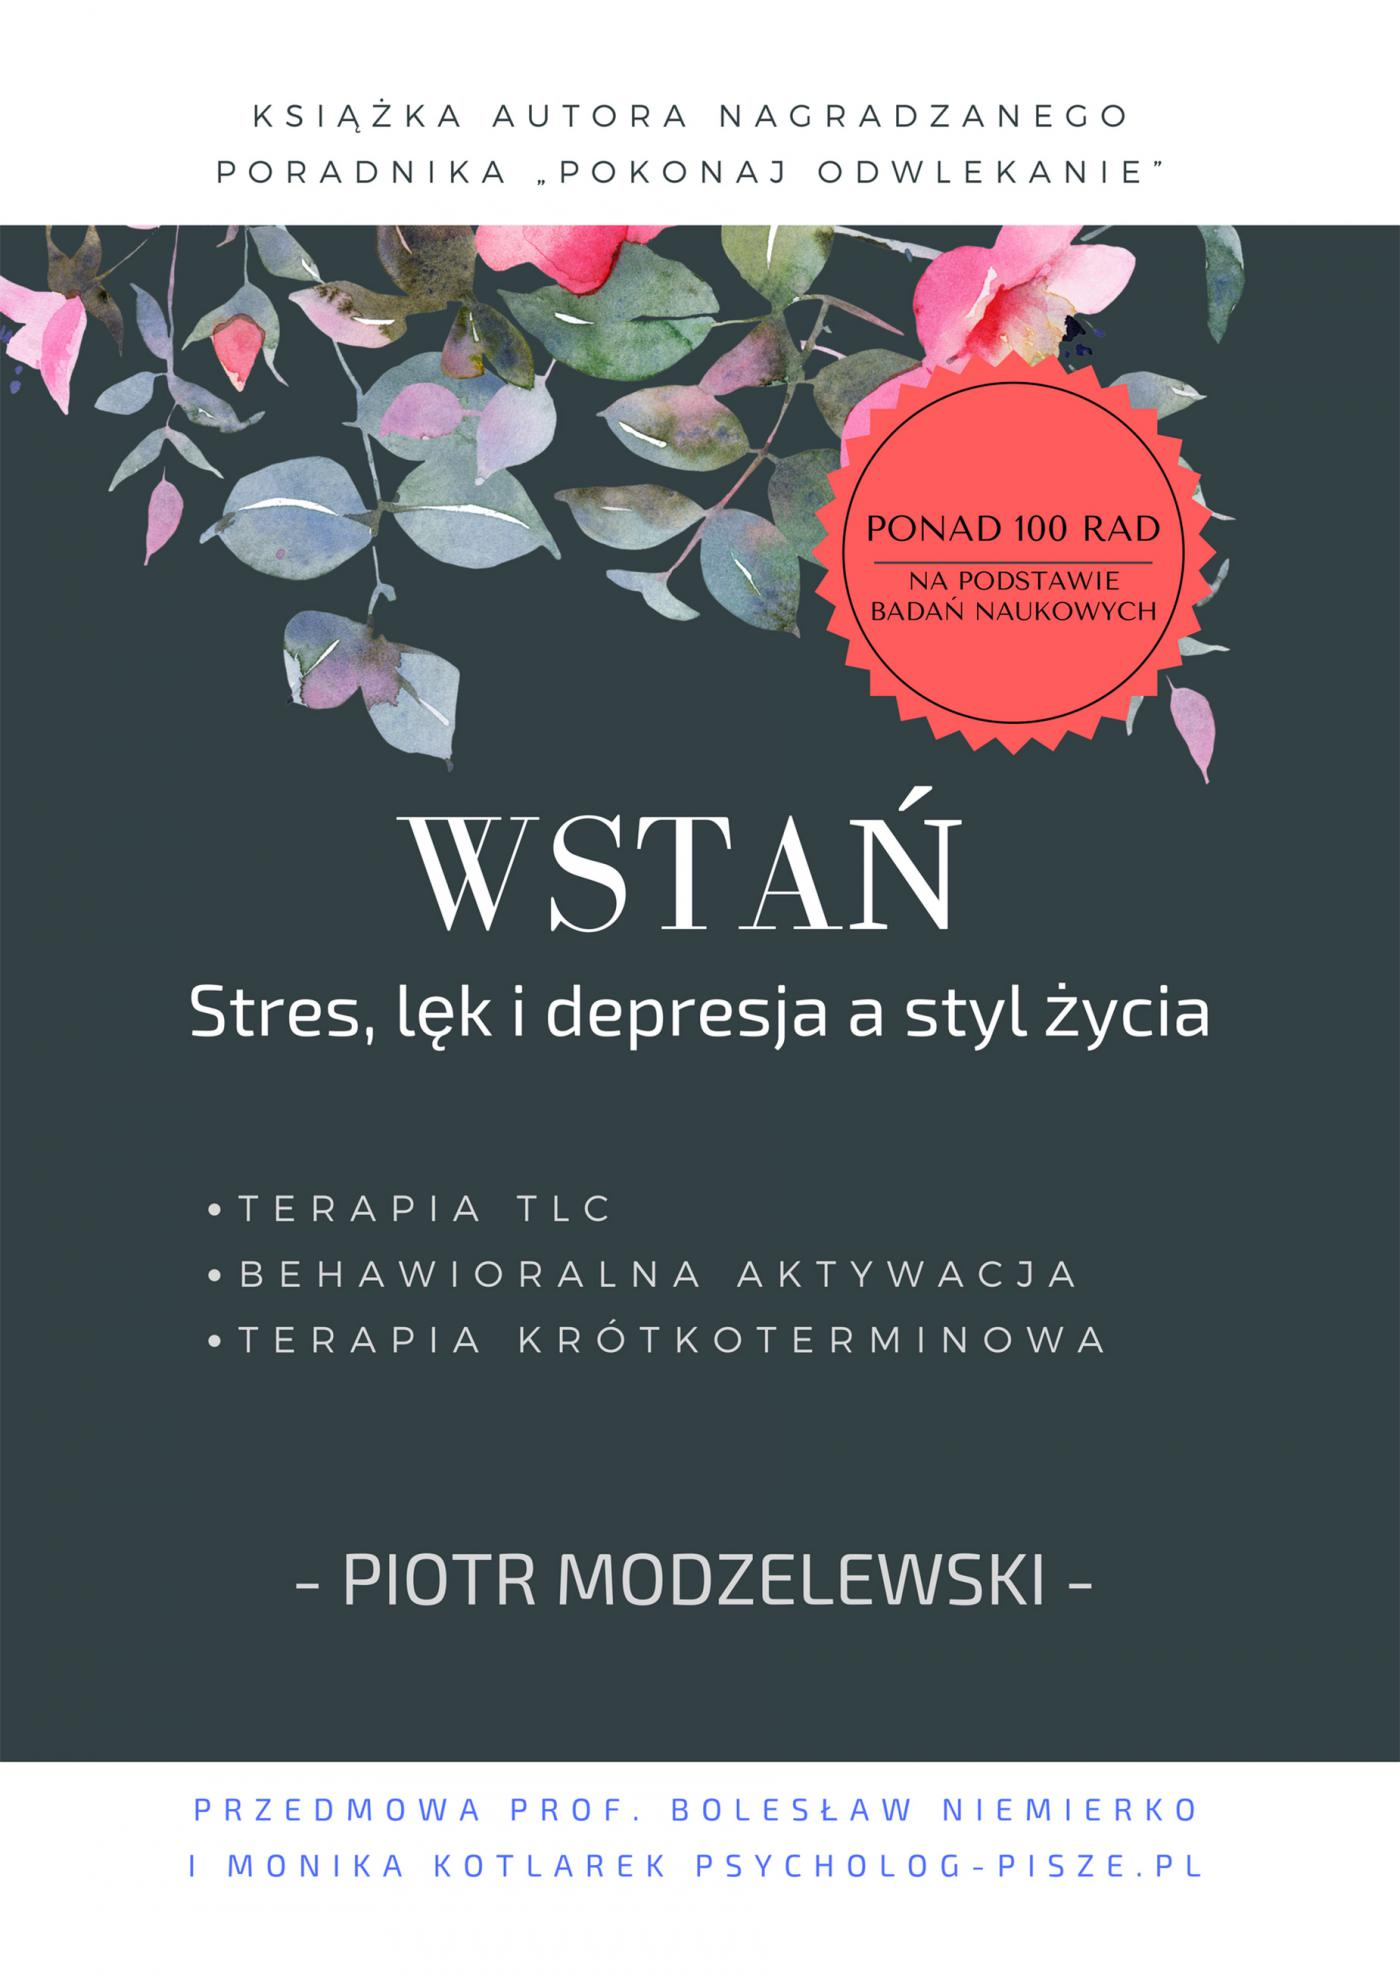 Wstań. Stres, lęk i depresja a styl życia - Ebook (Książka EPUB) do pobrania w formacie EPUB